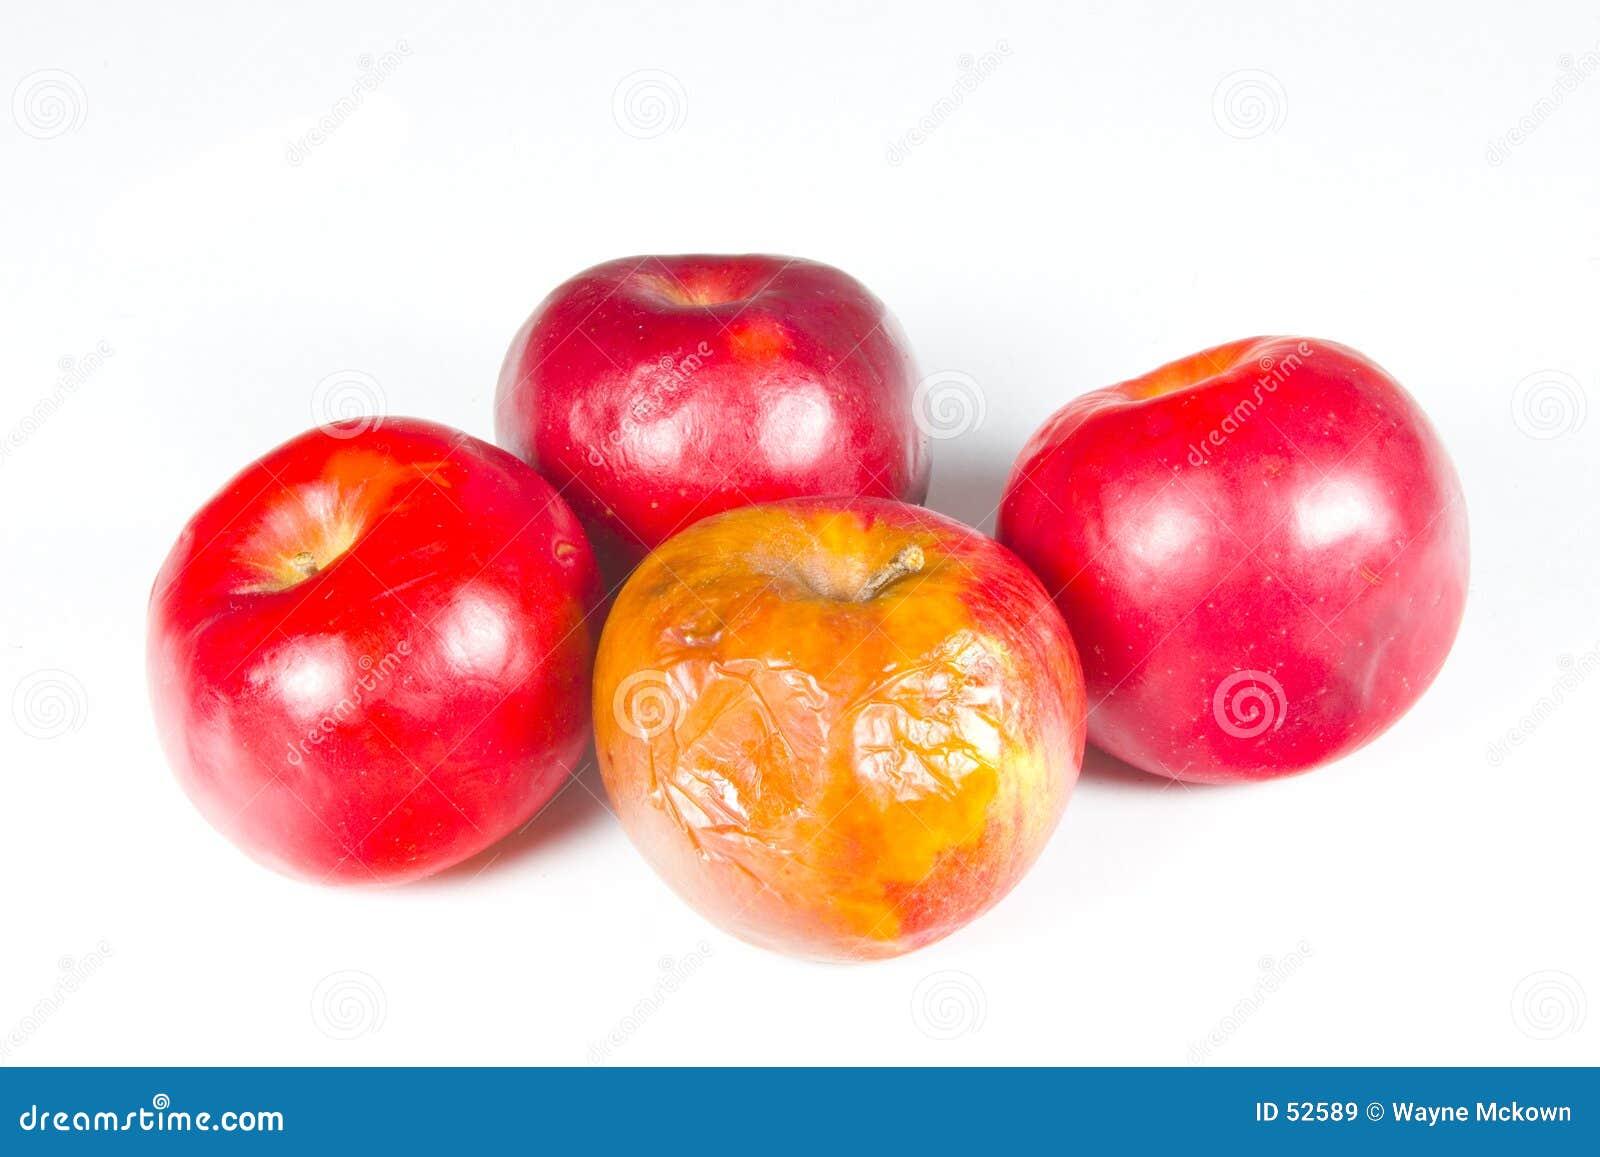 Siempre una manzana putrefacta en el manojo